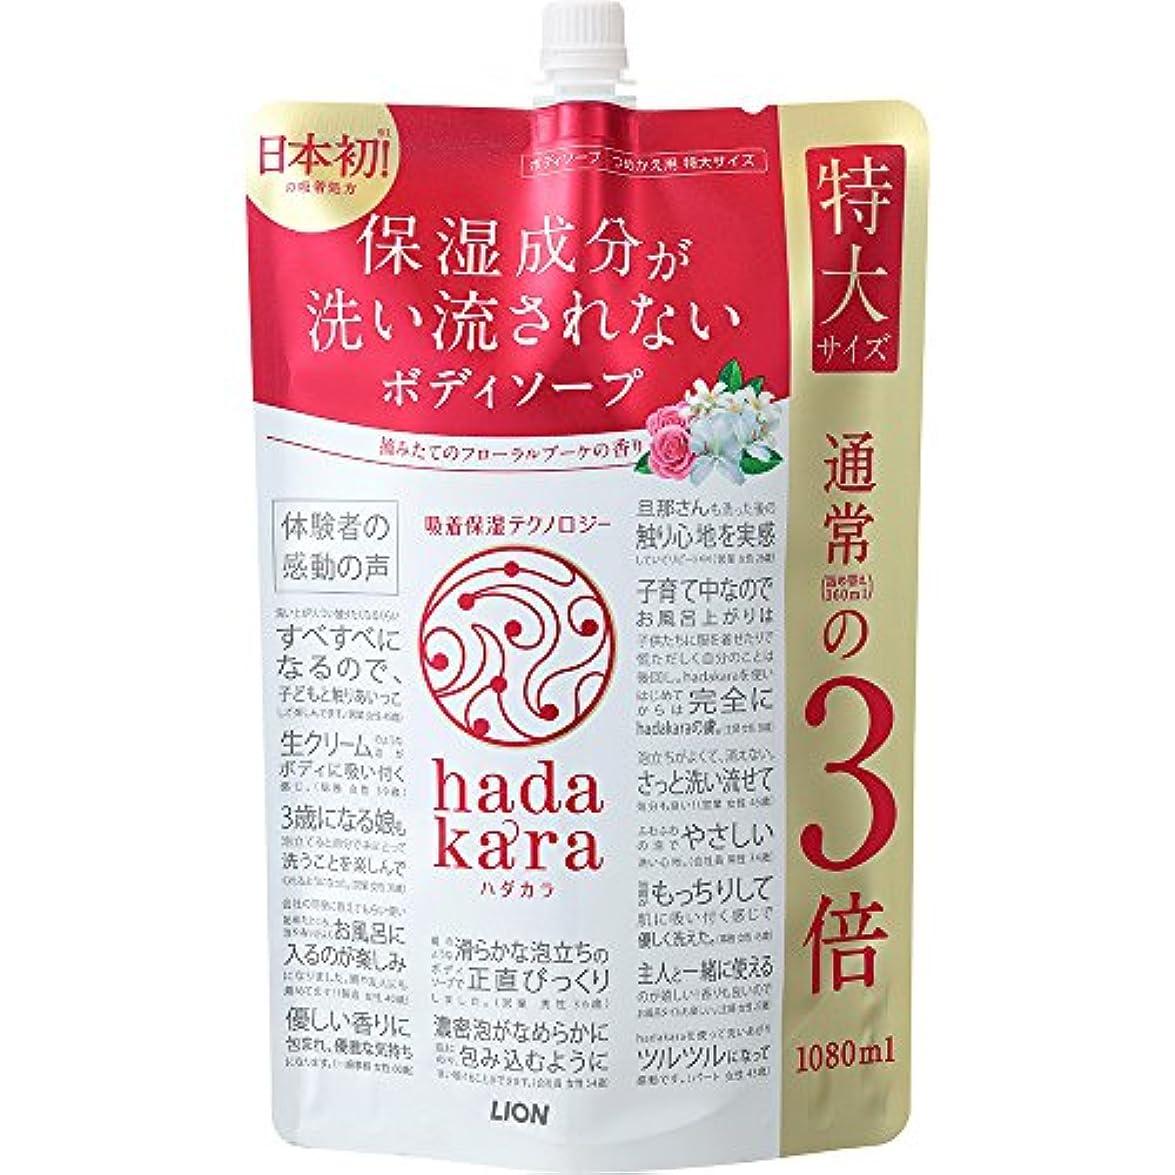 文房具懐疑的アダルト【大容量】hadakara(ハダカラ) ボディソープ フローラルブーケの香り 詰め替え 特大 1080ml